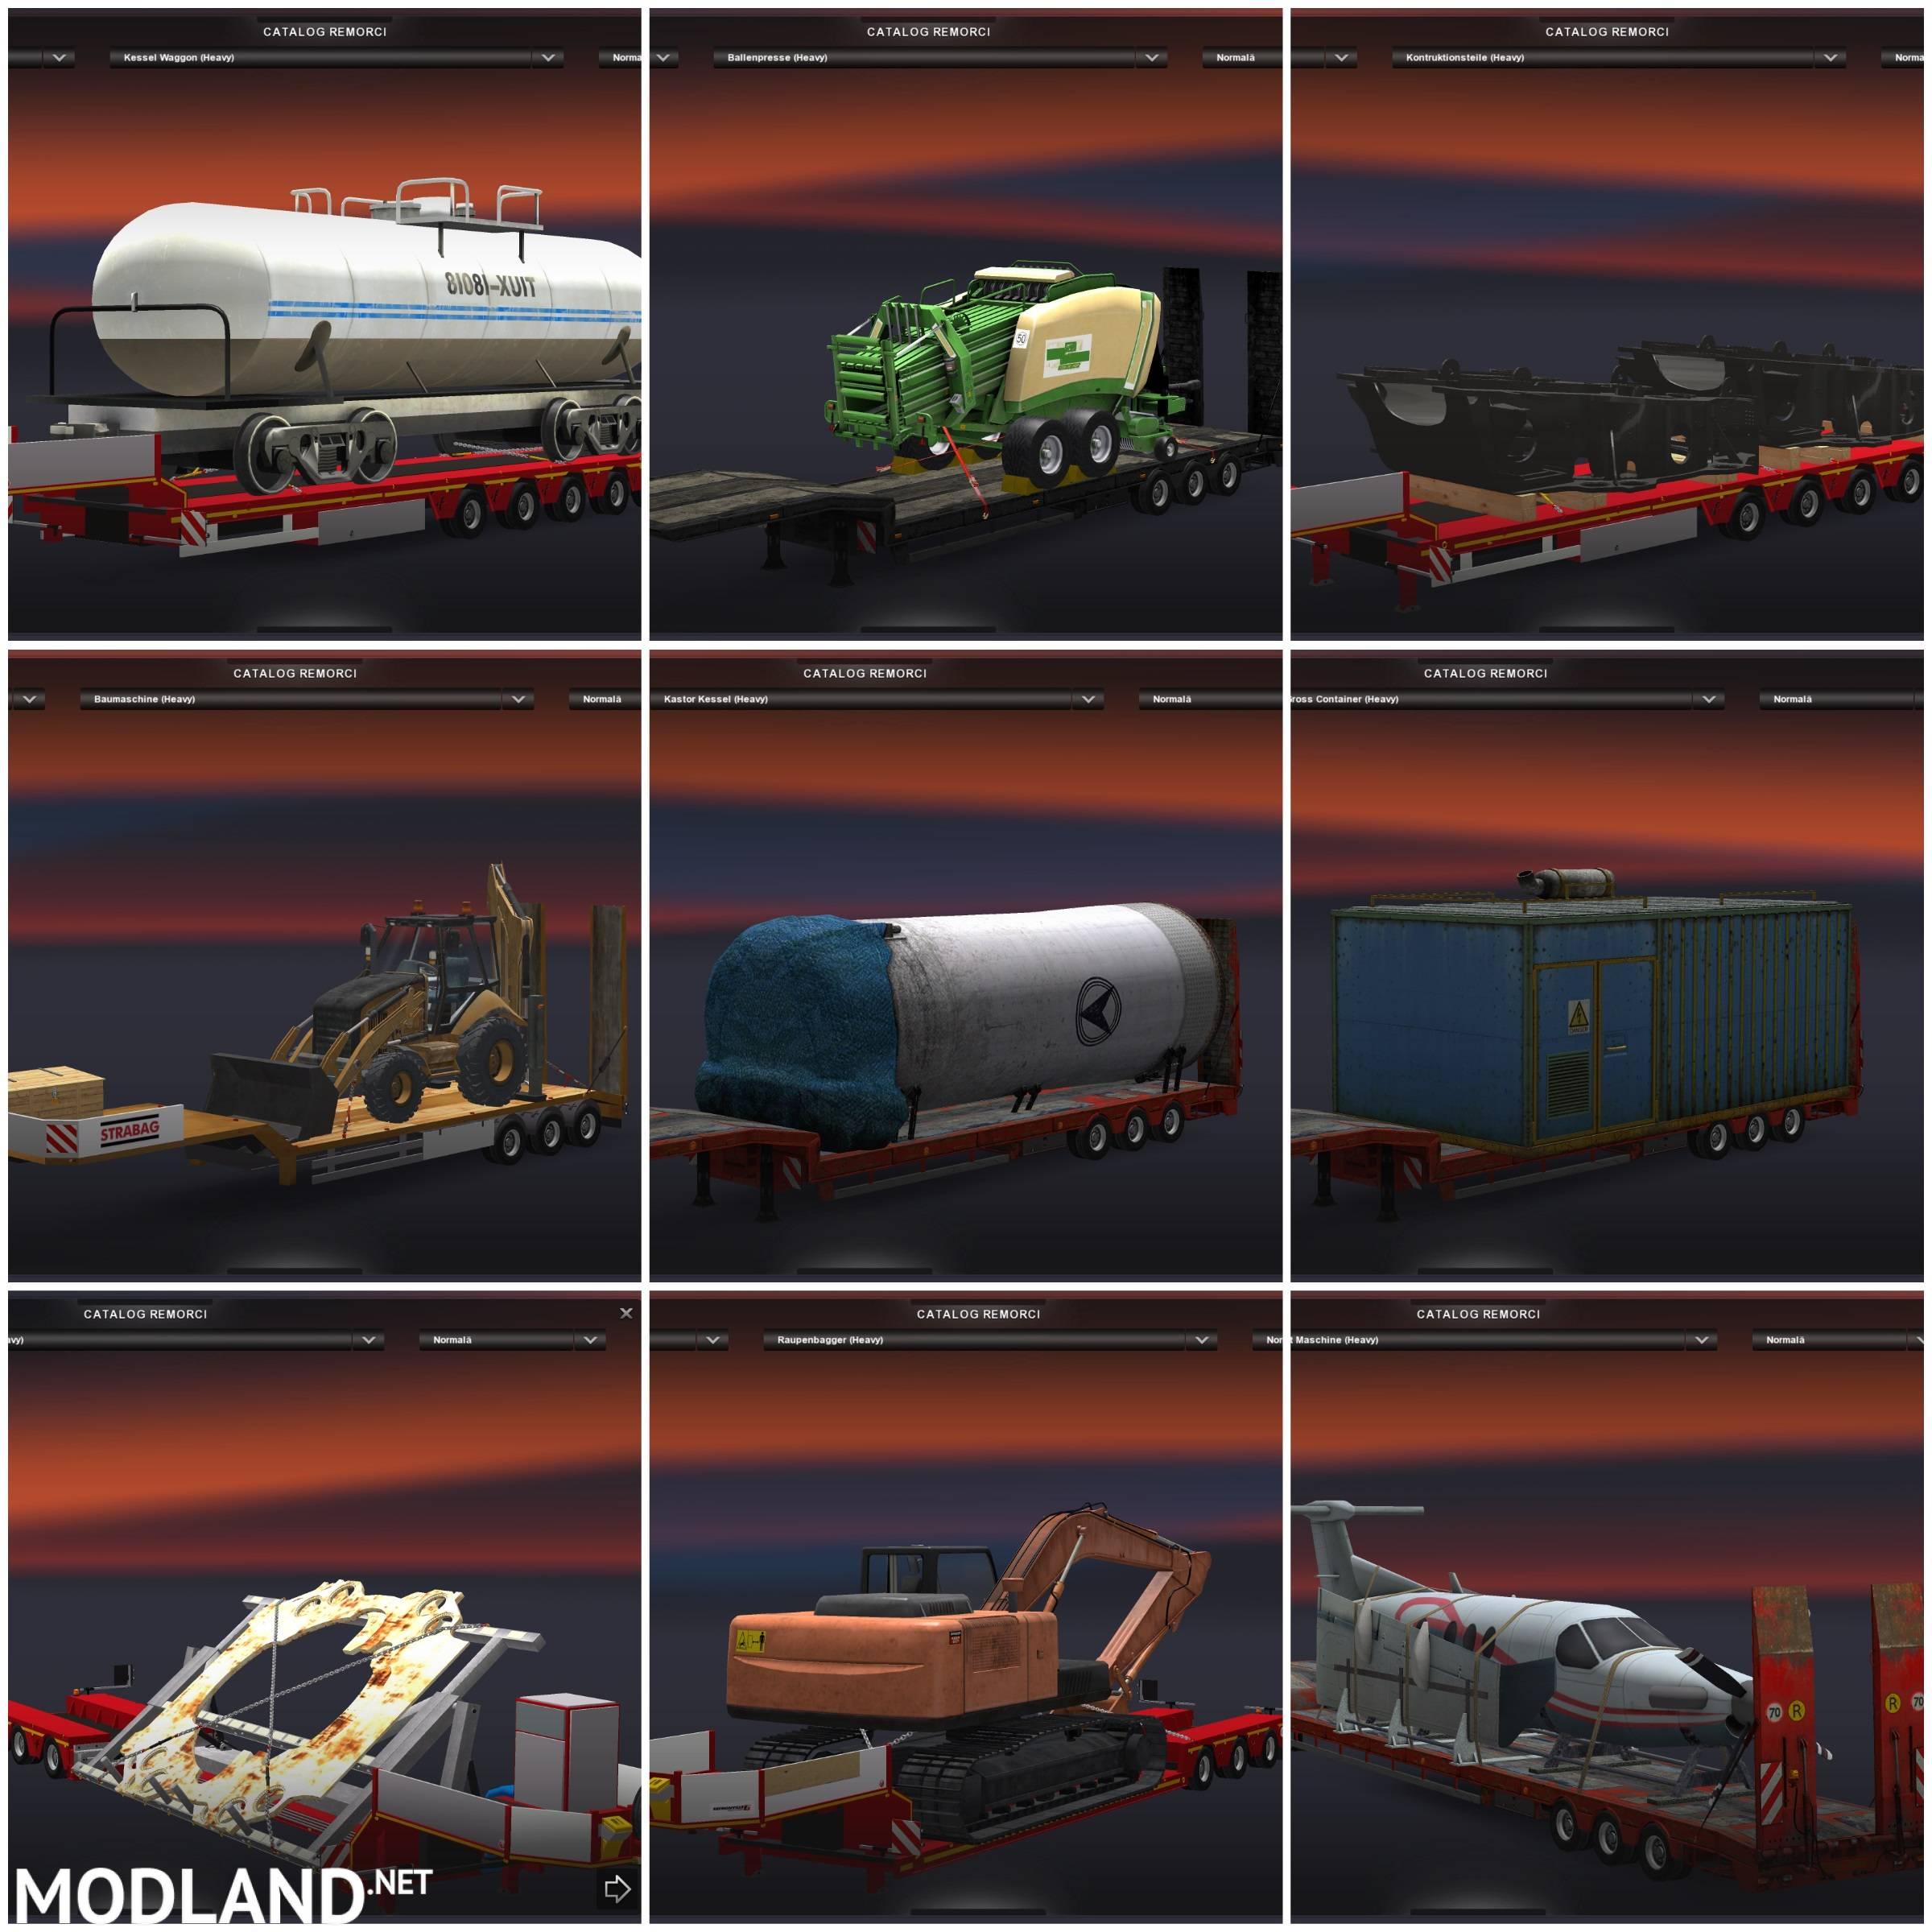 heavy cargo transportation trailers pack mod for ets 2. Black Bedroom Furniture Sets. Home Design Ideas